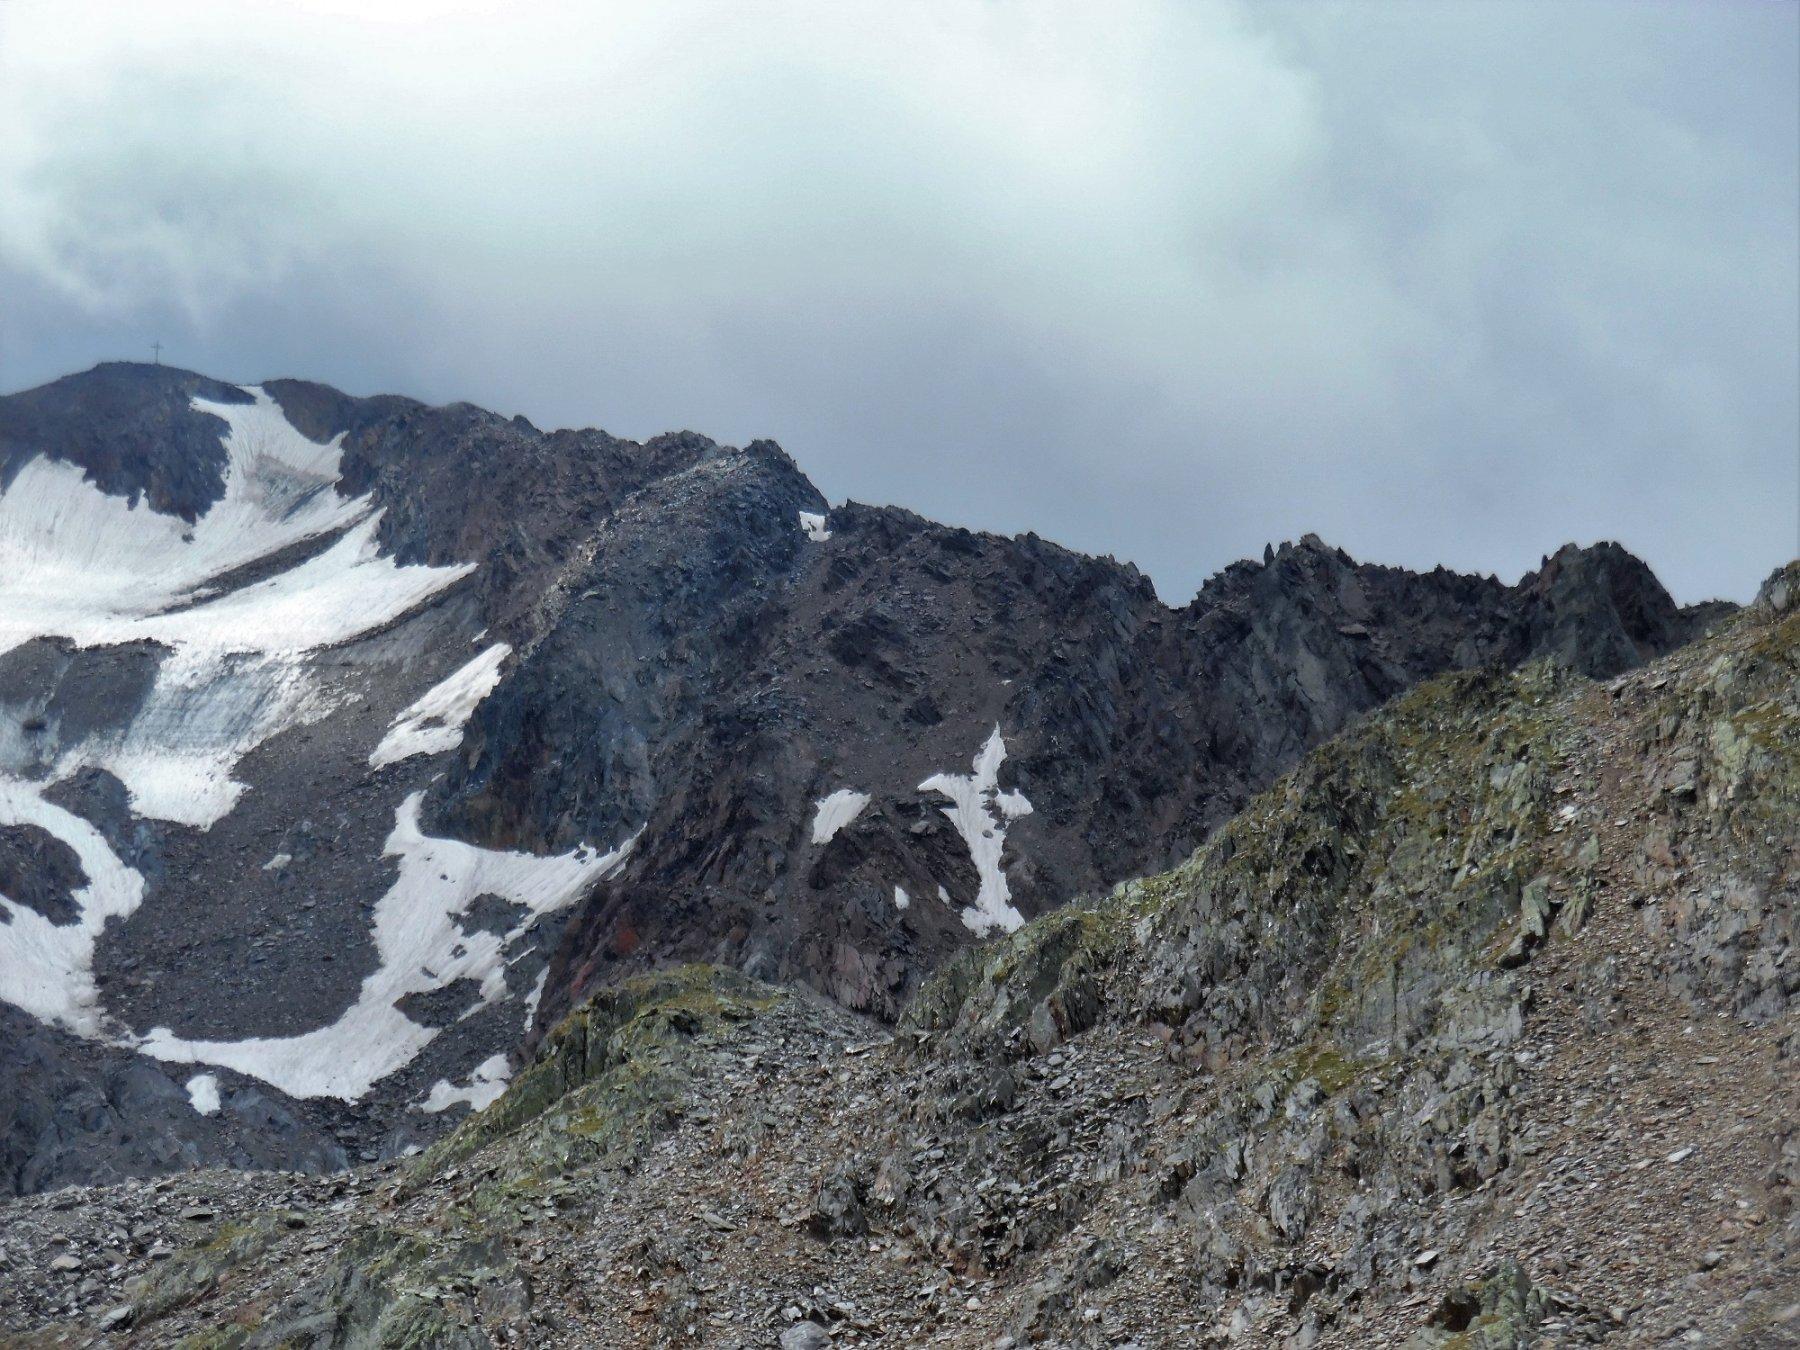 Croce dell'Orecchia di Lepre a sinistra e Cresta Azzurra a destra